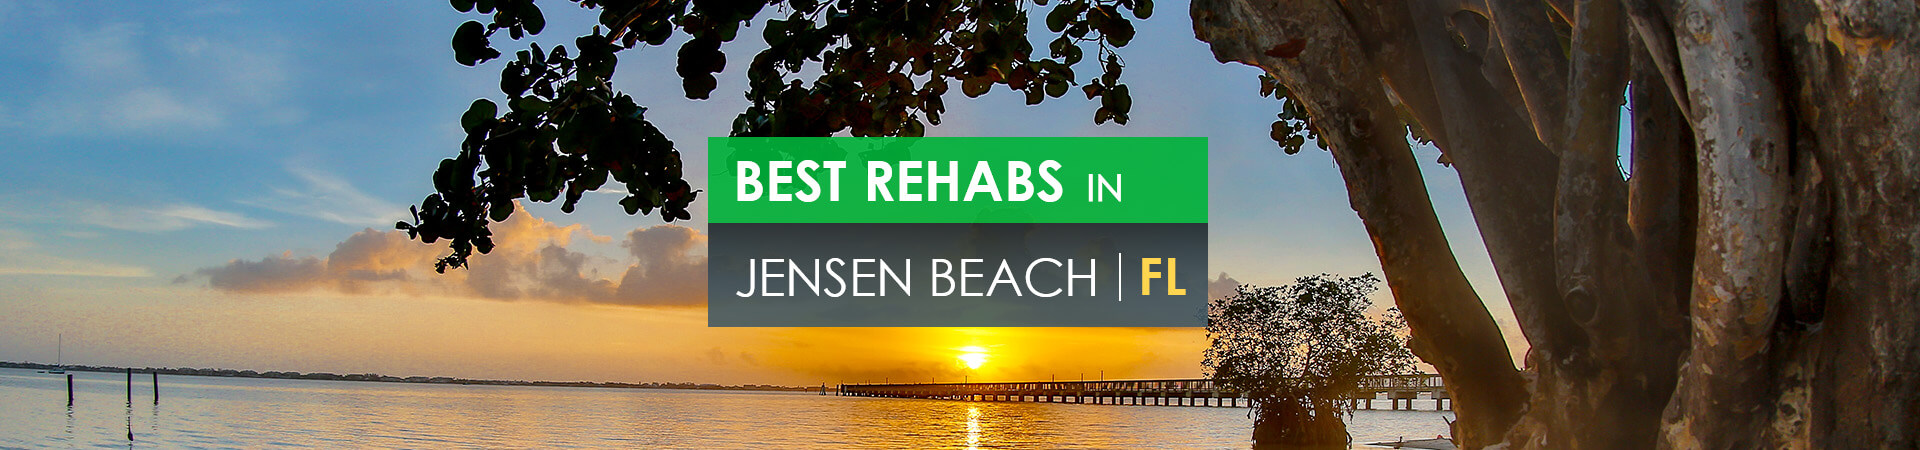 Best rehabs in Jensen Beach, FL